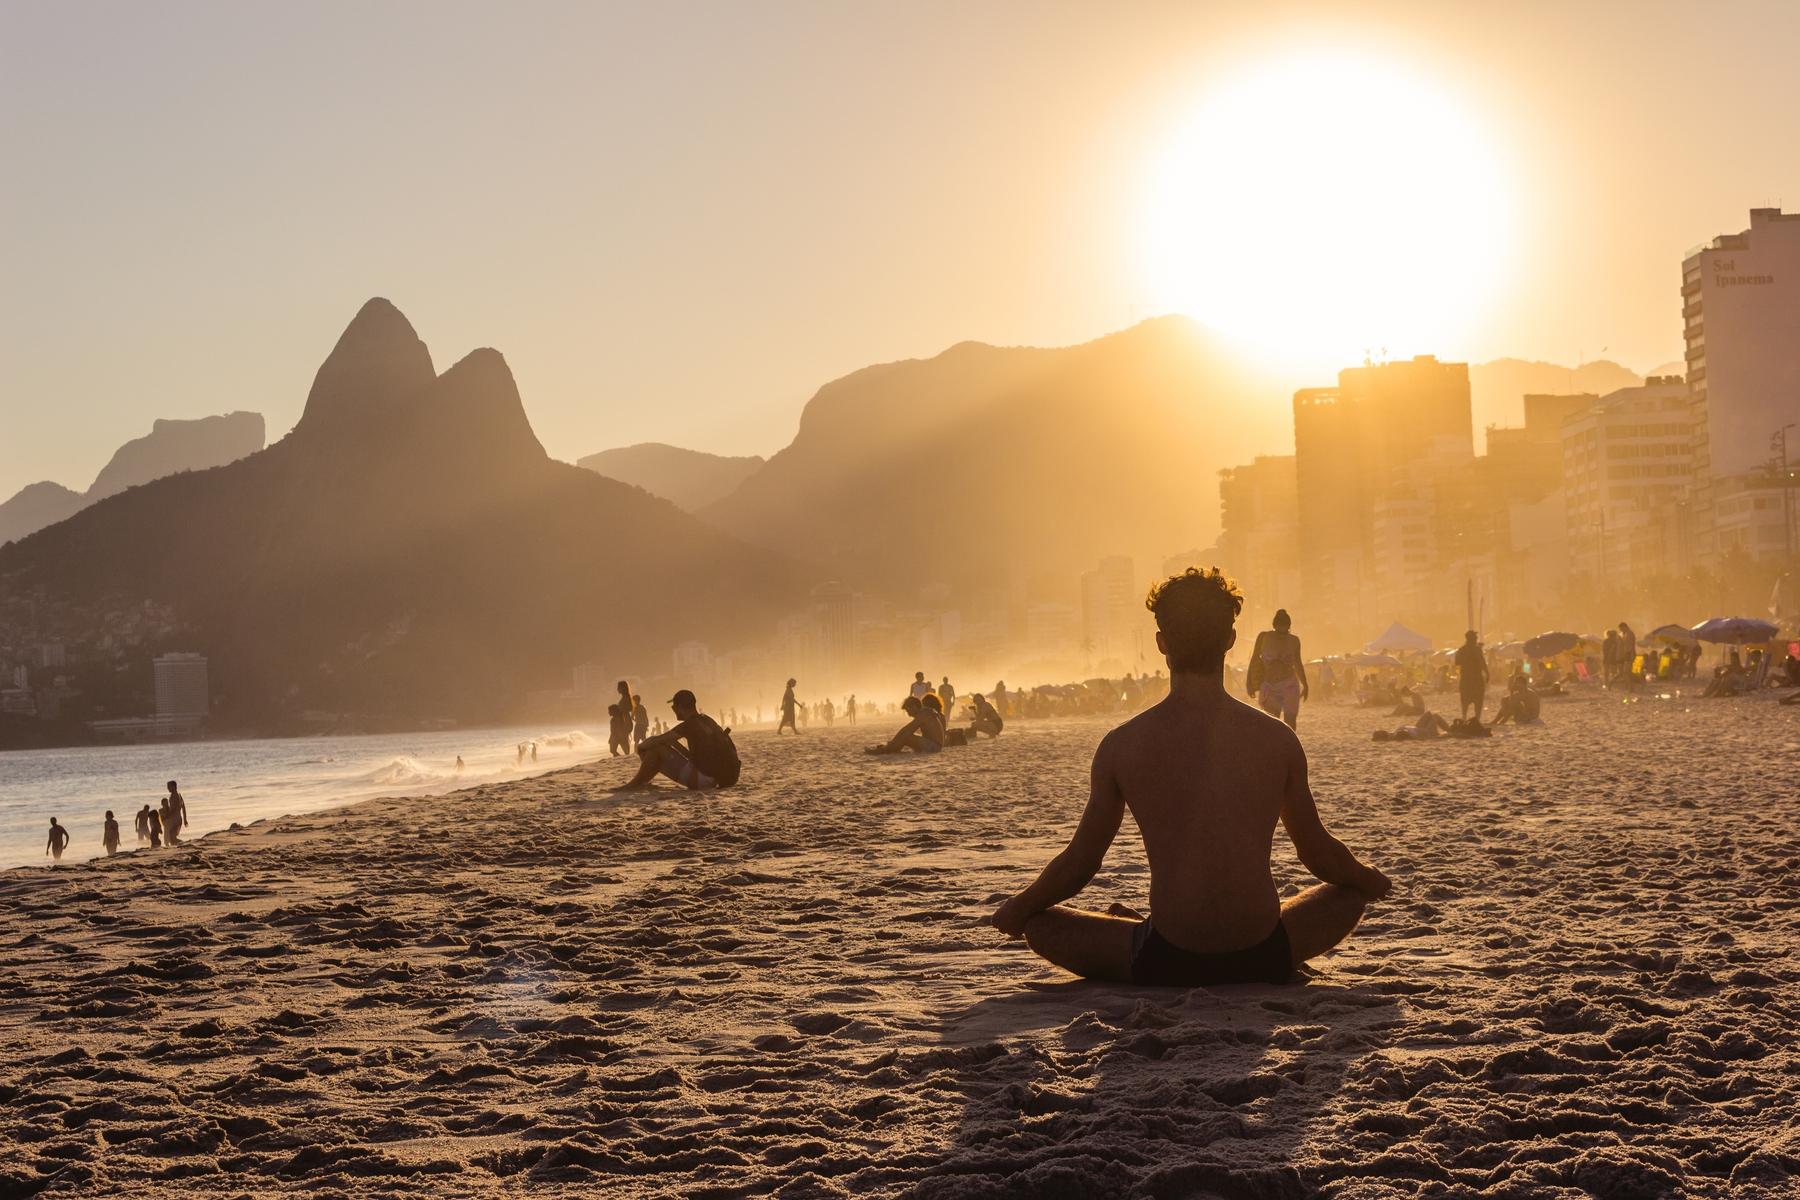 Отдых на море зимой — куда поехать. Пляжи Рио-де-Жанейро в Бразилии